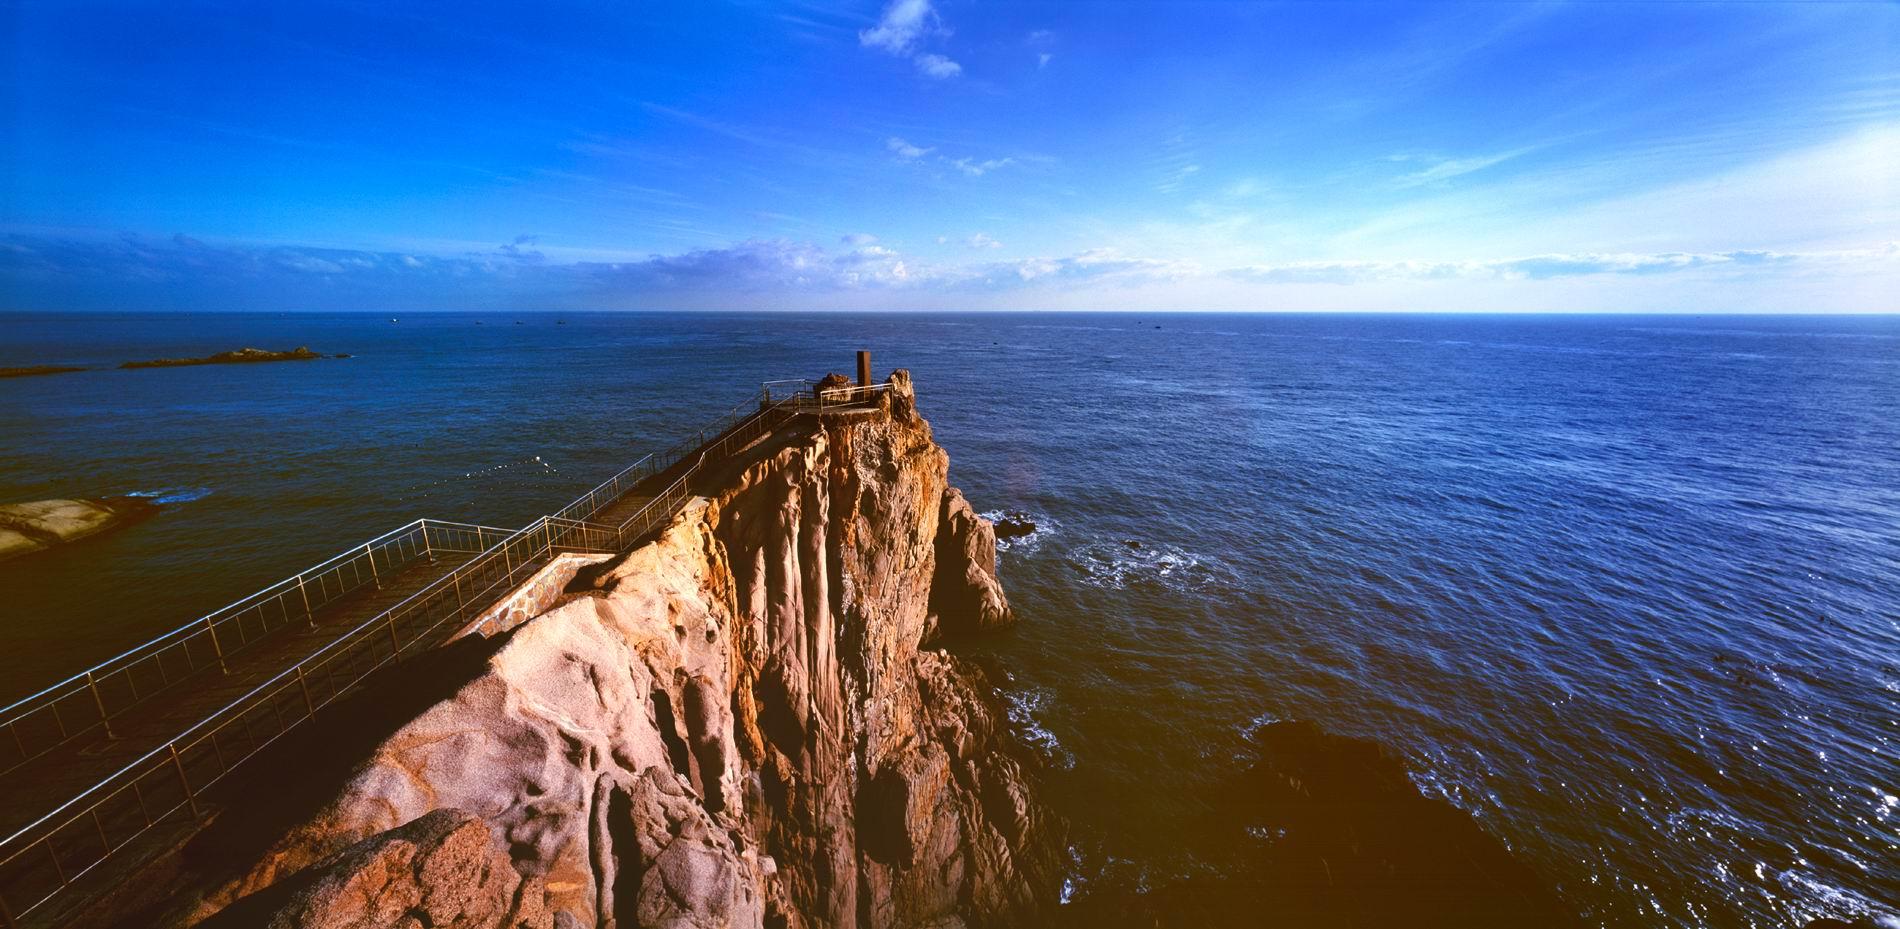 威海旅游景点冬季景色